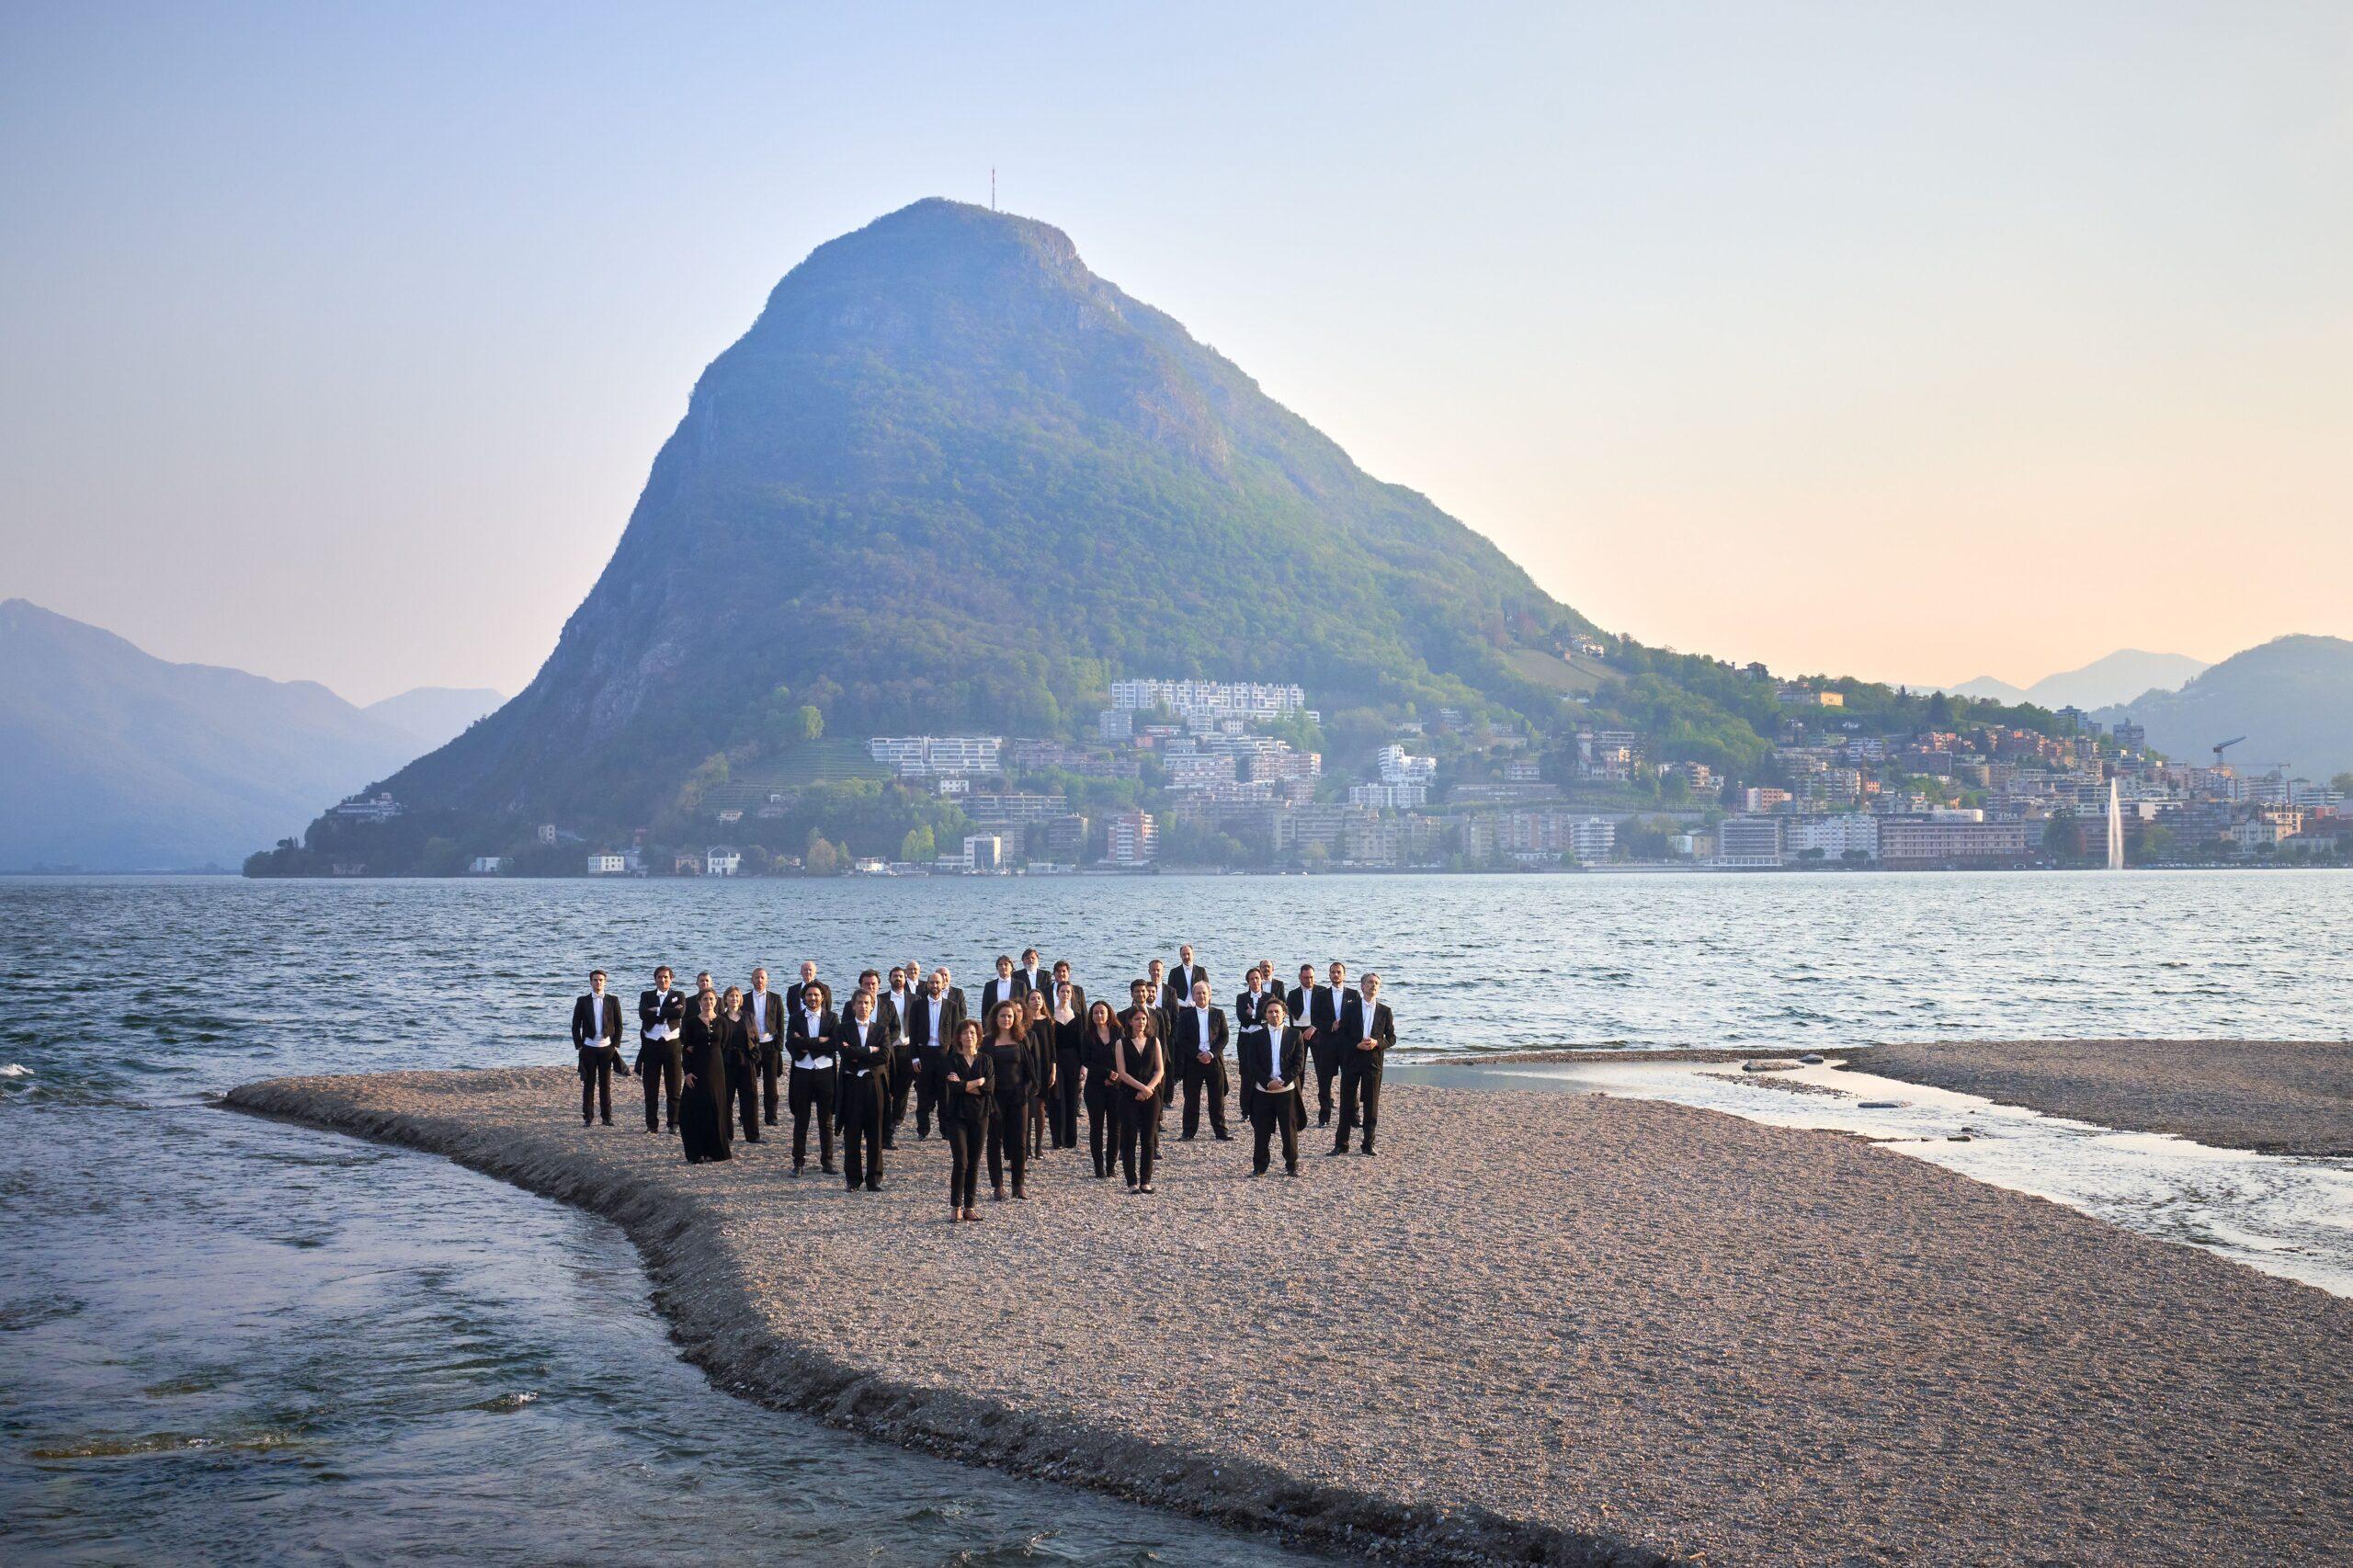 L'Orchestra della Svizzera Italiana a Udine il 31/10 con la violinista Baiba Skride, dirige Markus Poschner